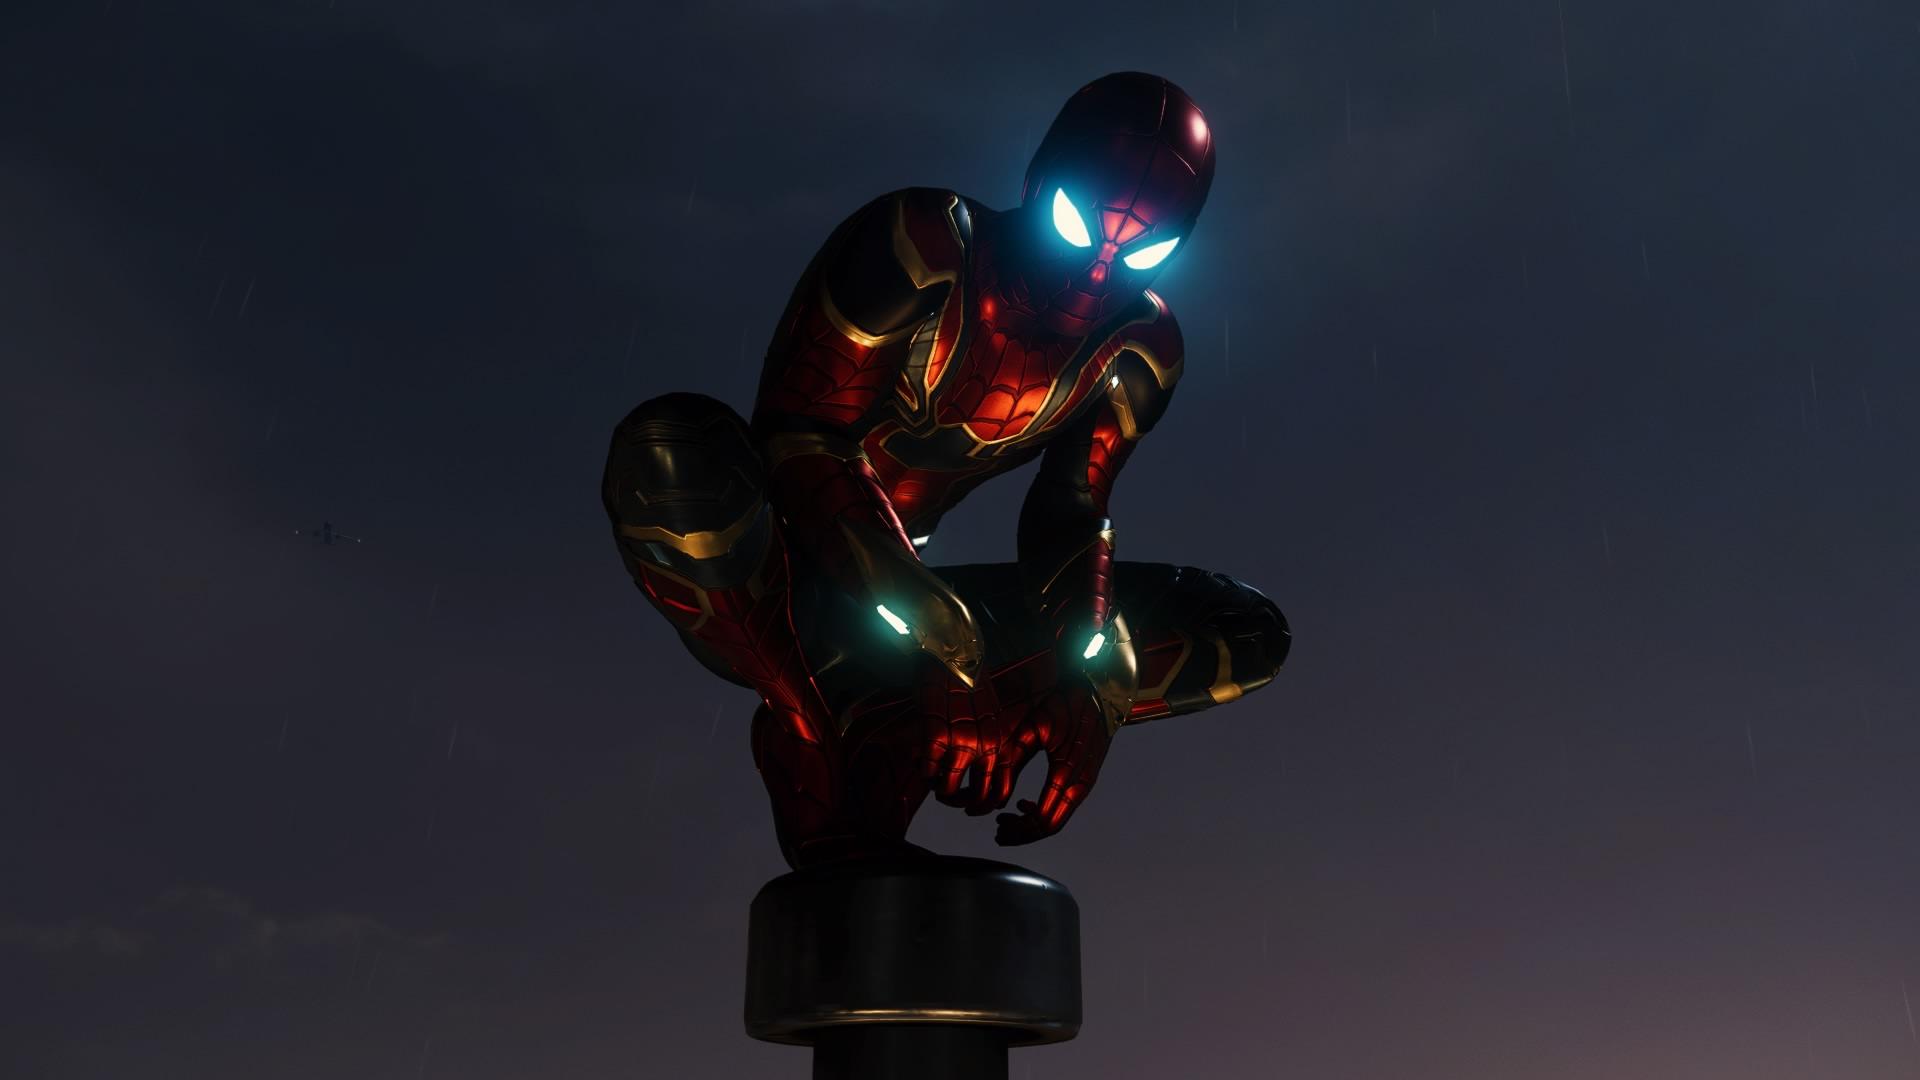 Ps4 スパイダーマンをクリア後の評価 レビュー Era Blog